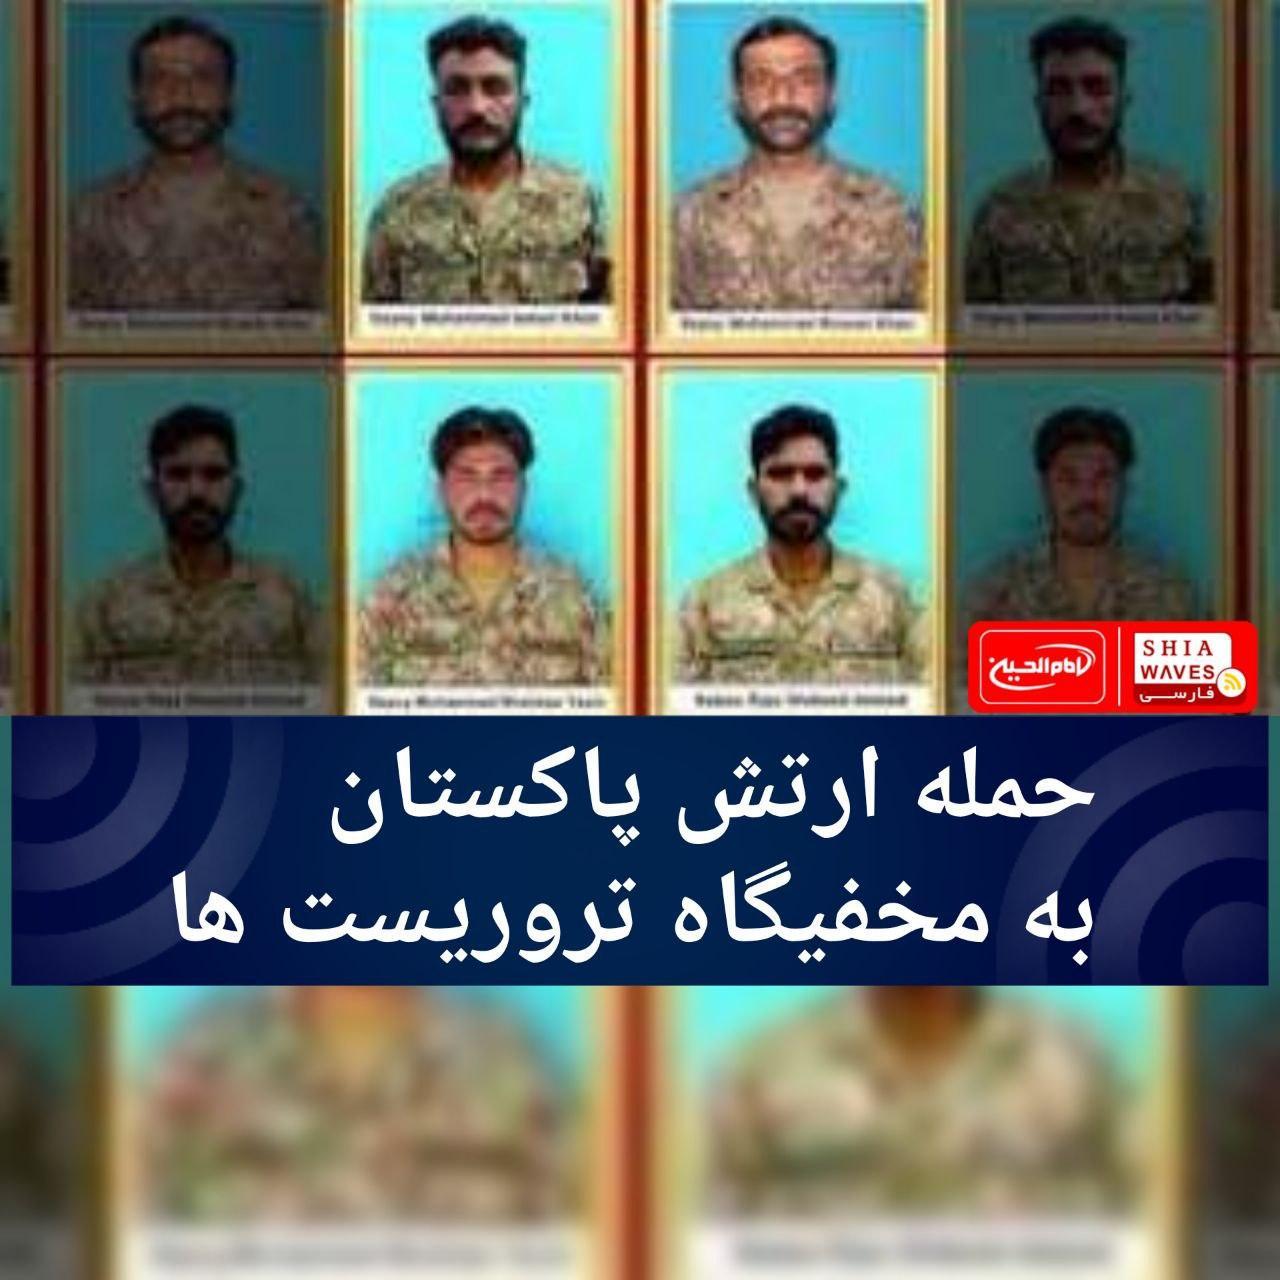 تصویر حمله ارتش پاکستان به مخفیگاه تروریست ها